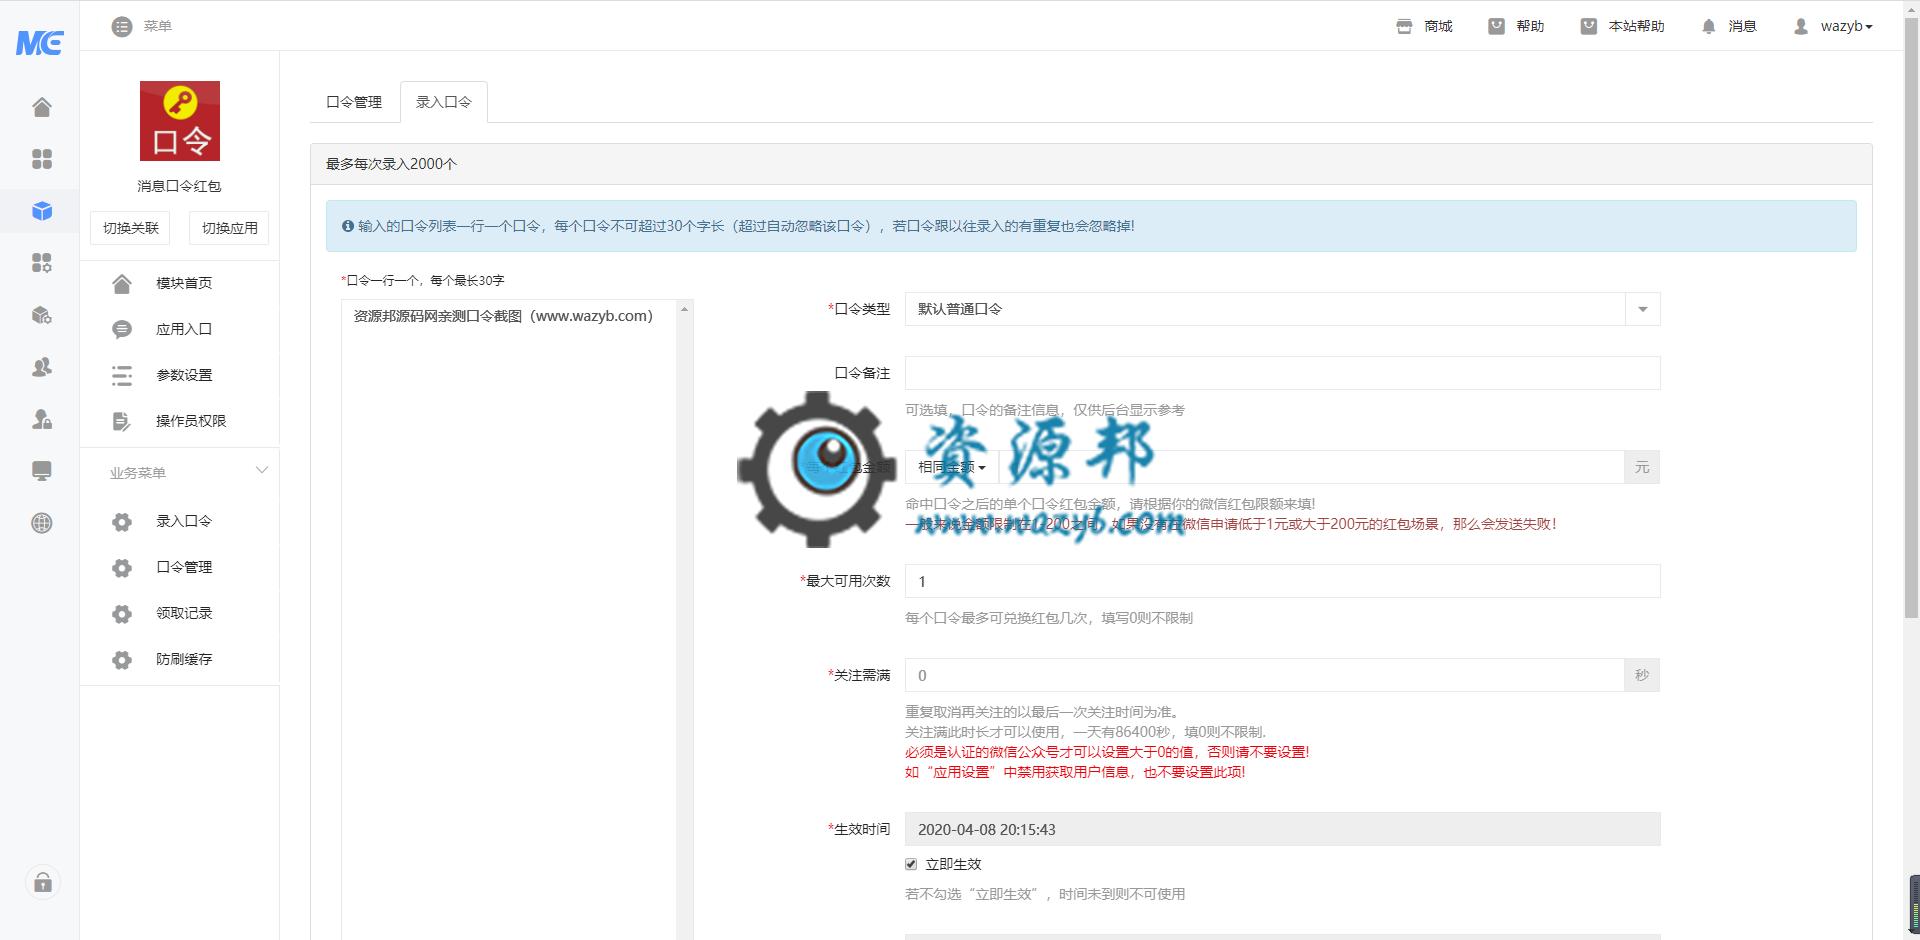 【正版应用打包】消息口令红包应用包更新【更新至V1.3.5】 第3张